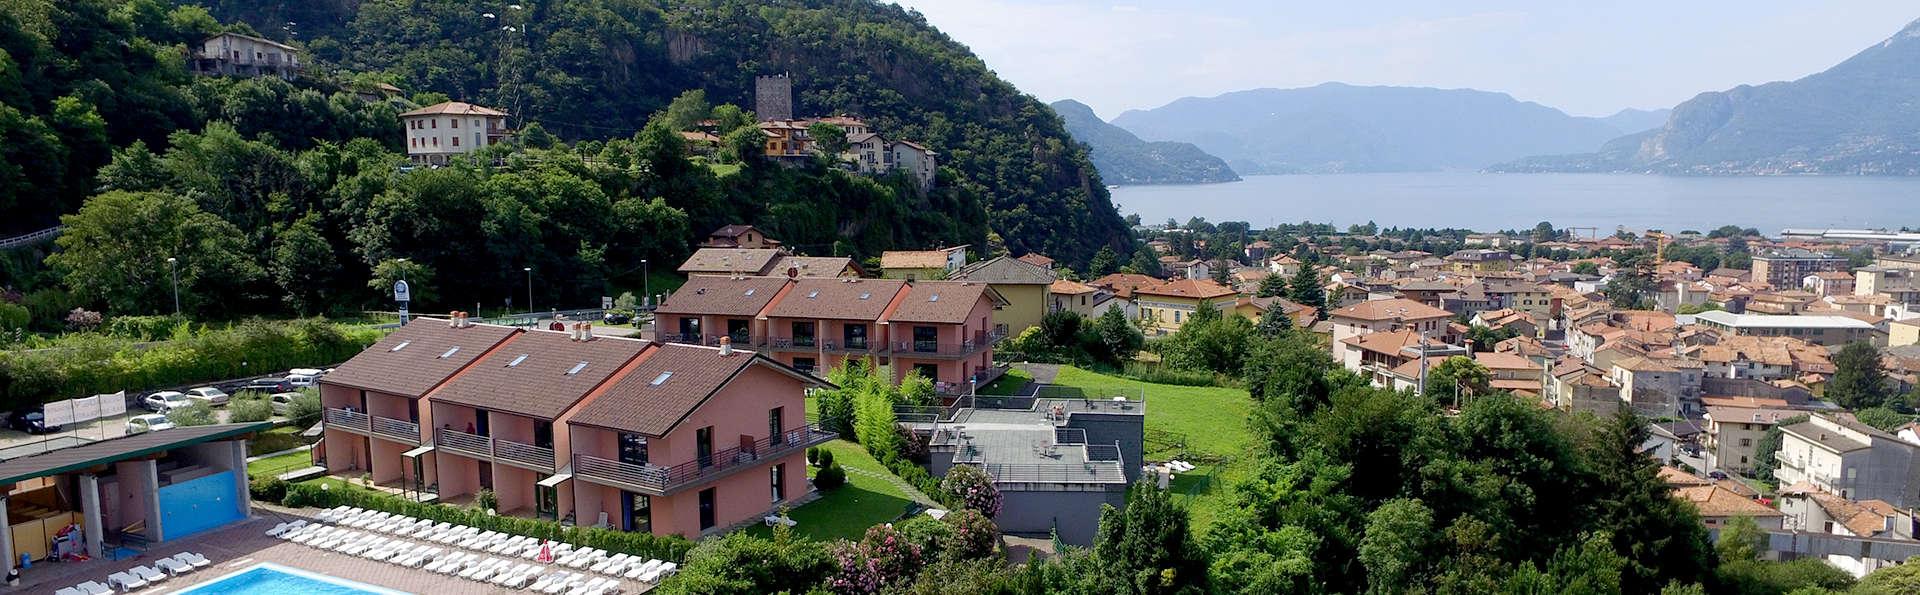 Respira la brisa del lago de Como y descansa en un fantástico estudio (desde 3 noches)